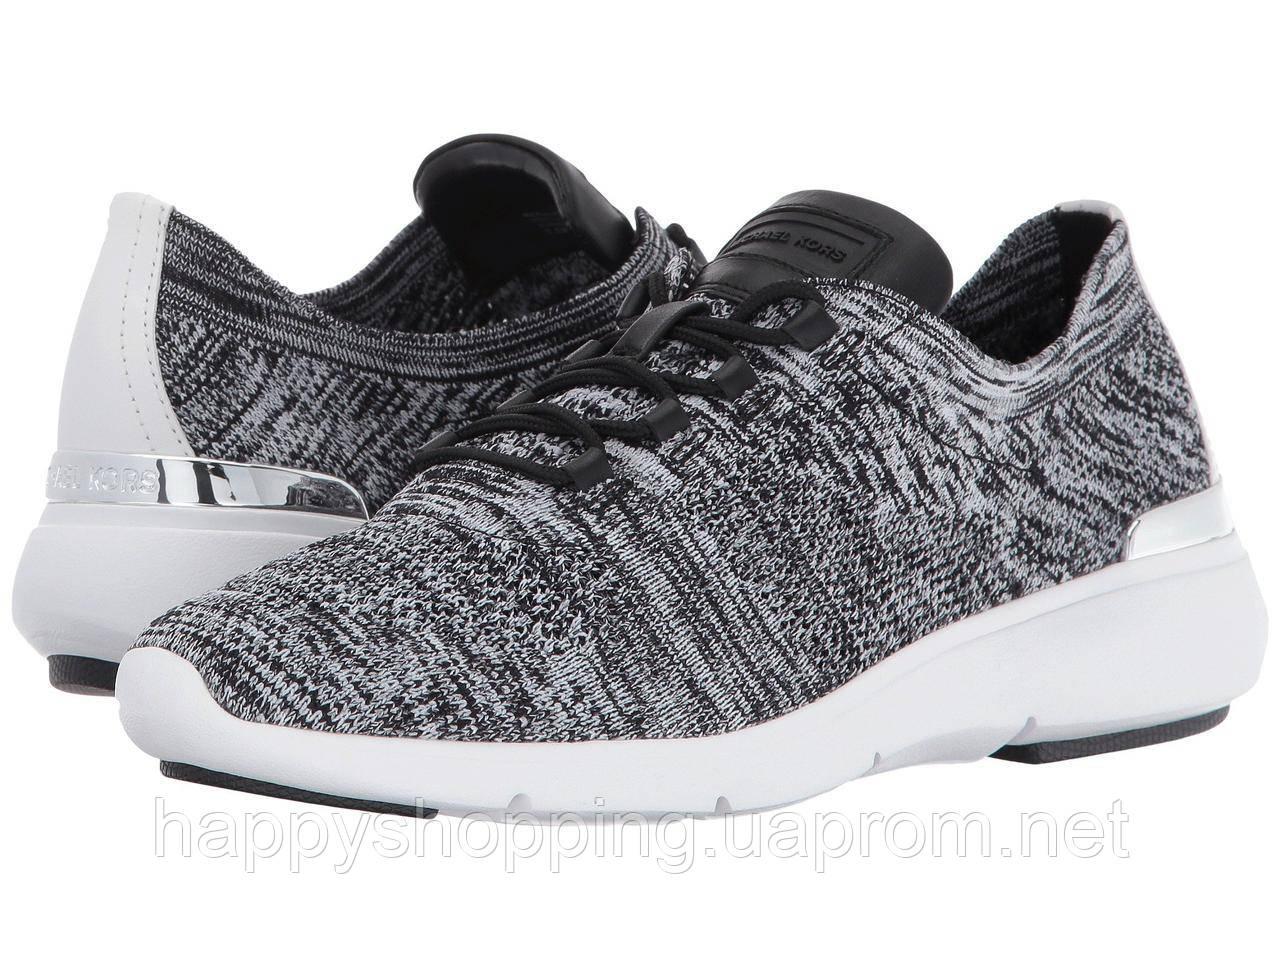 Женские стильные черно-белые текстильные кроссовки популярного бренда Michael Kors